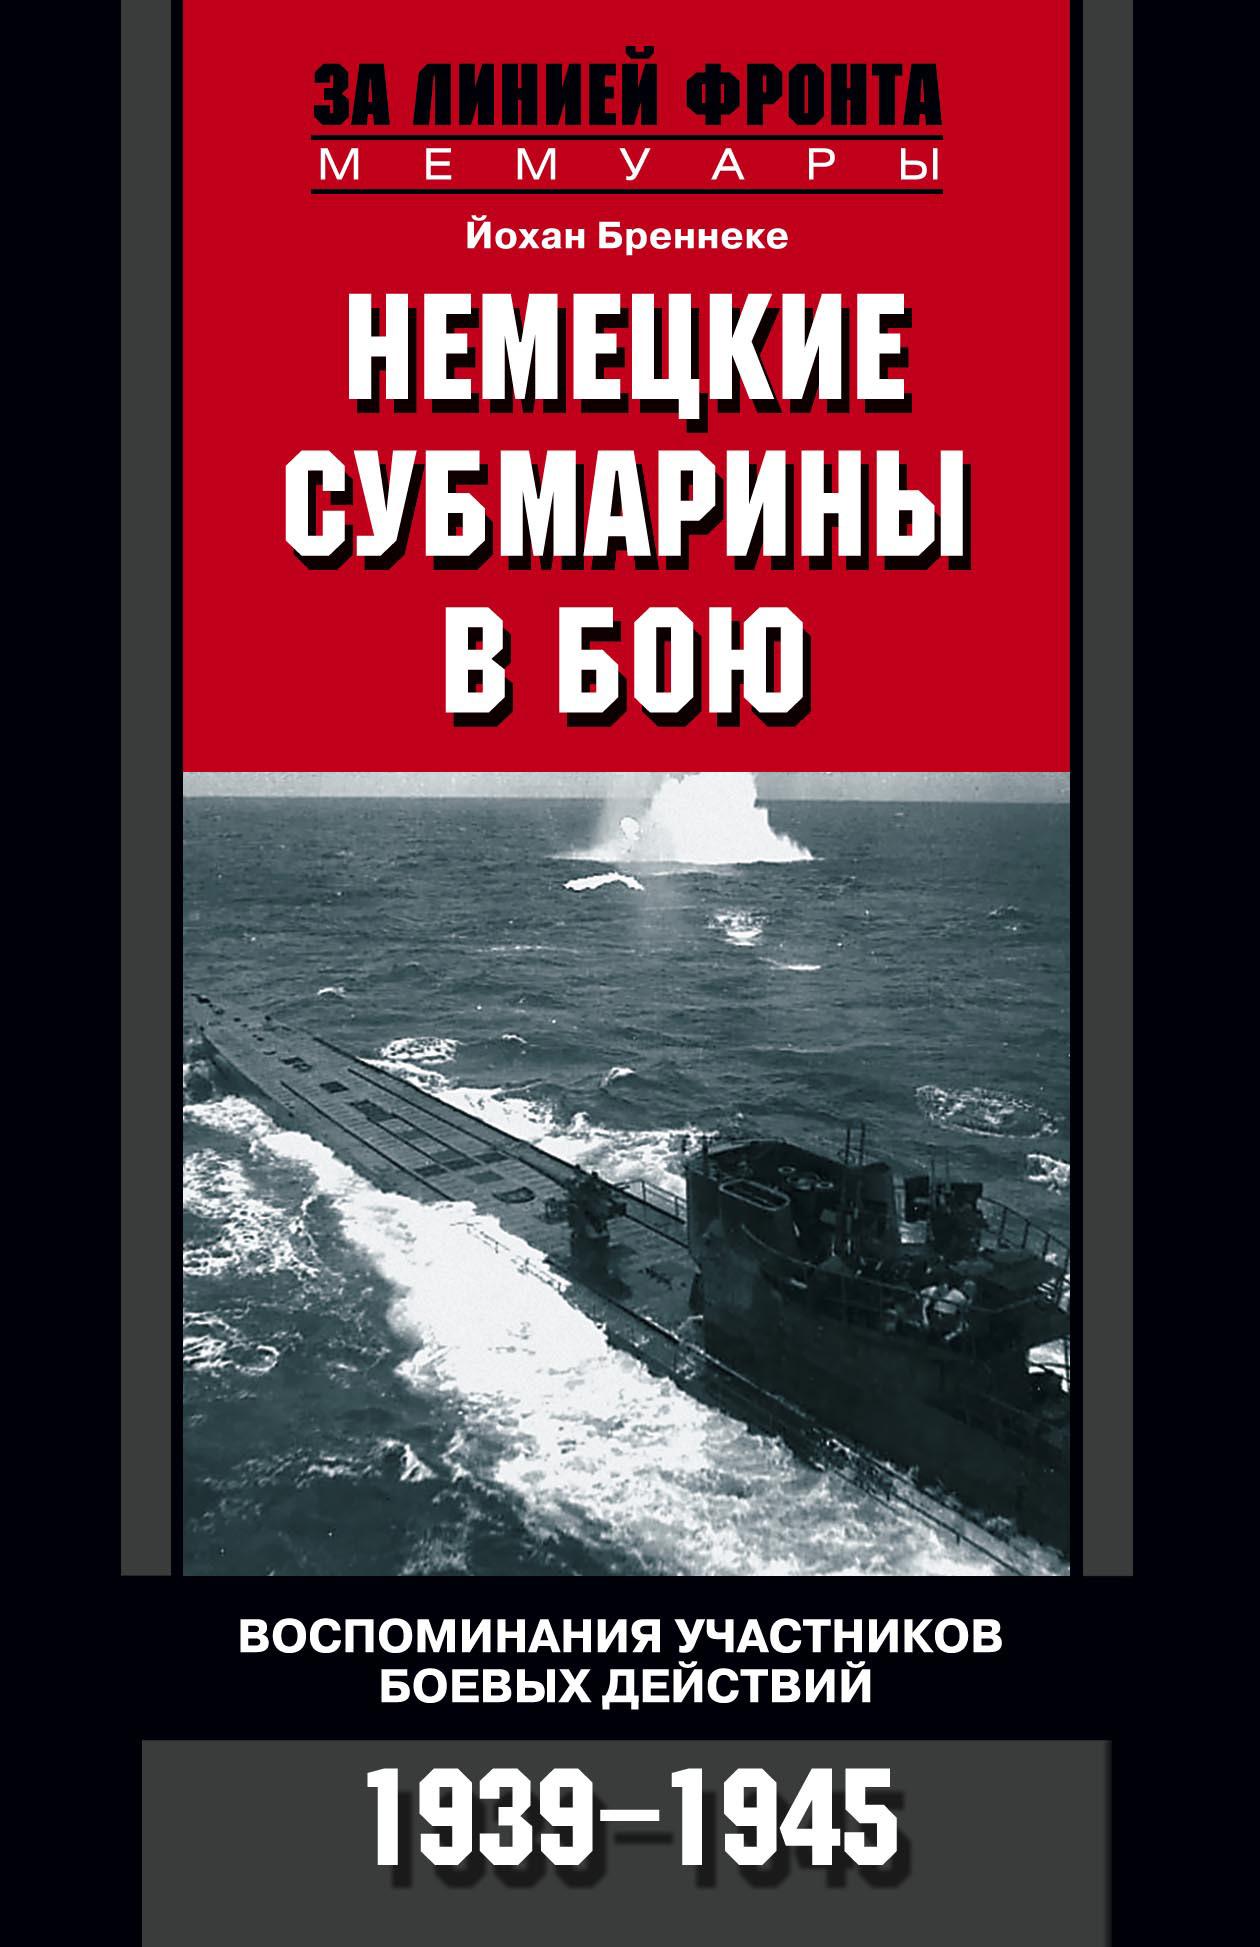 Йохан Бреннеке Немецкие субмарины в бою. Воспоминания участников боевых действий. 1939-1945 цена 2017